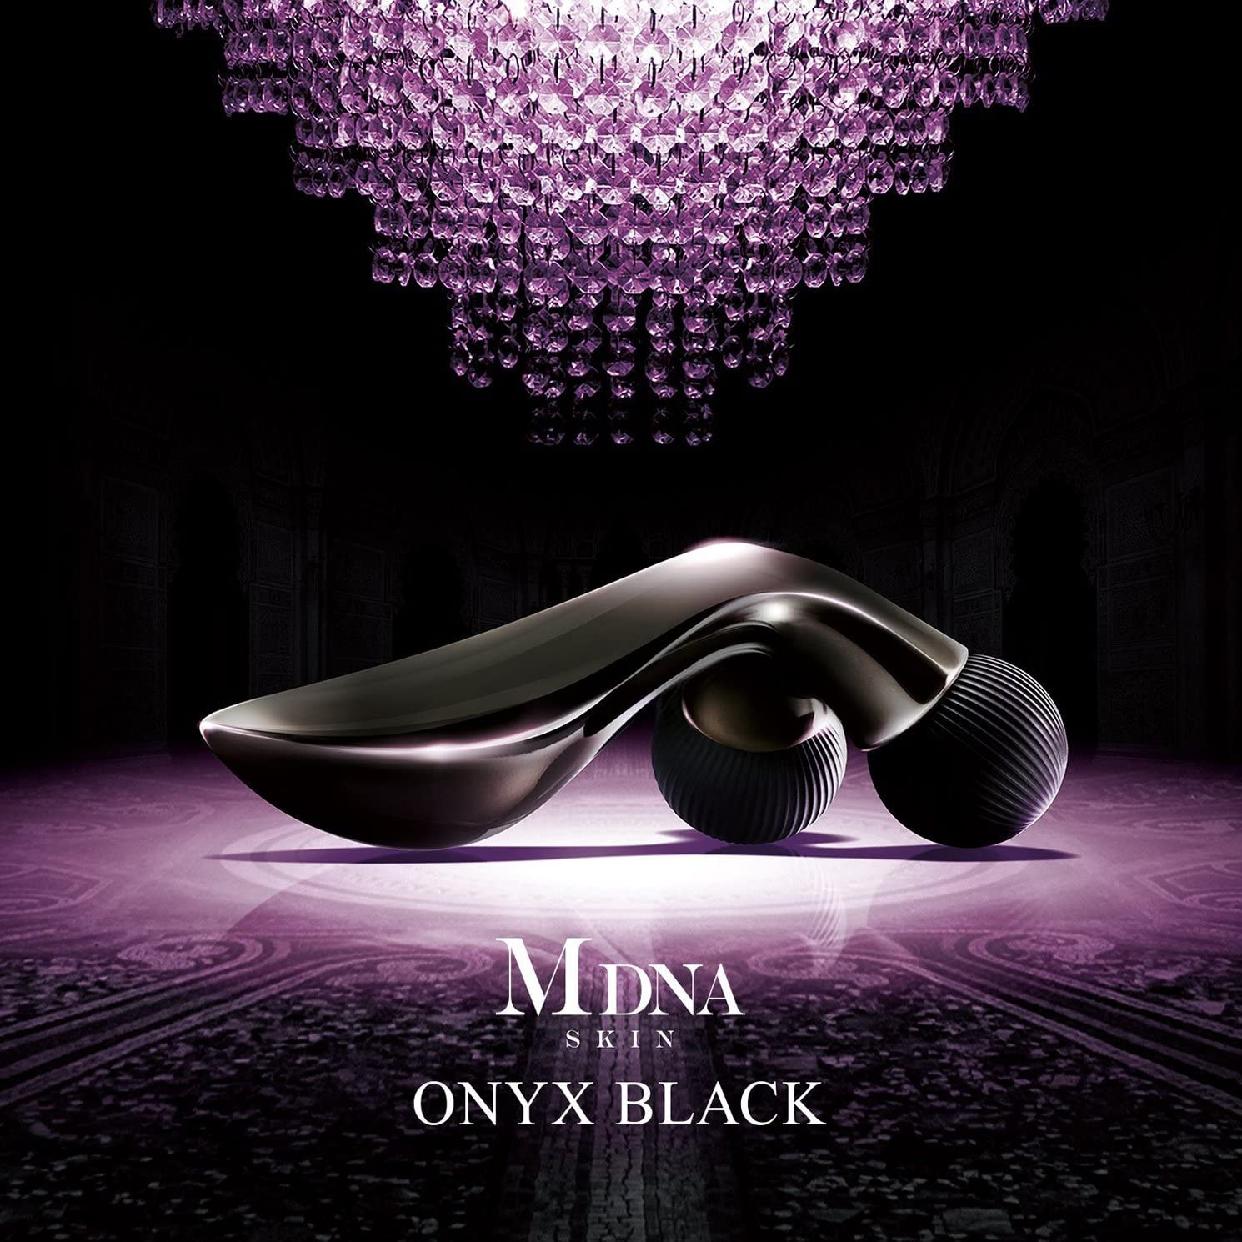 MDNA SKIN(エムディーエヌエースキン) オニキスブラックの商品画像5